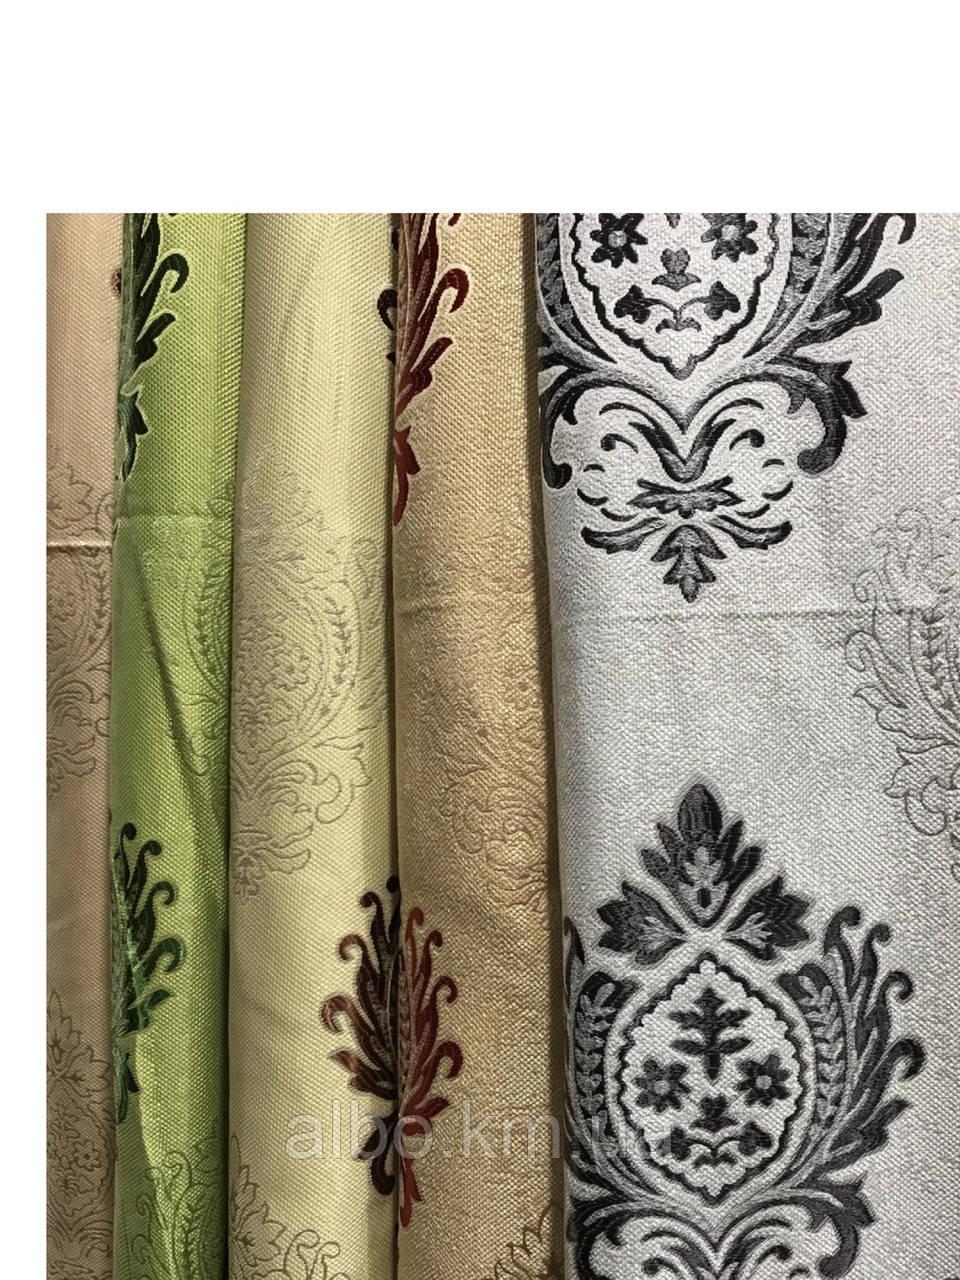 Щільна шторна тканина льон з візерунком двостороння, висота 2.8 м на метраж (M11)